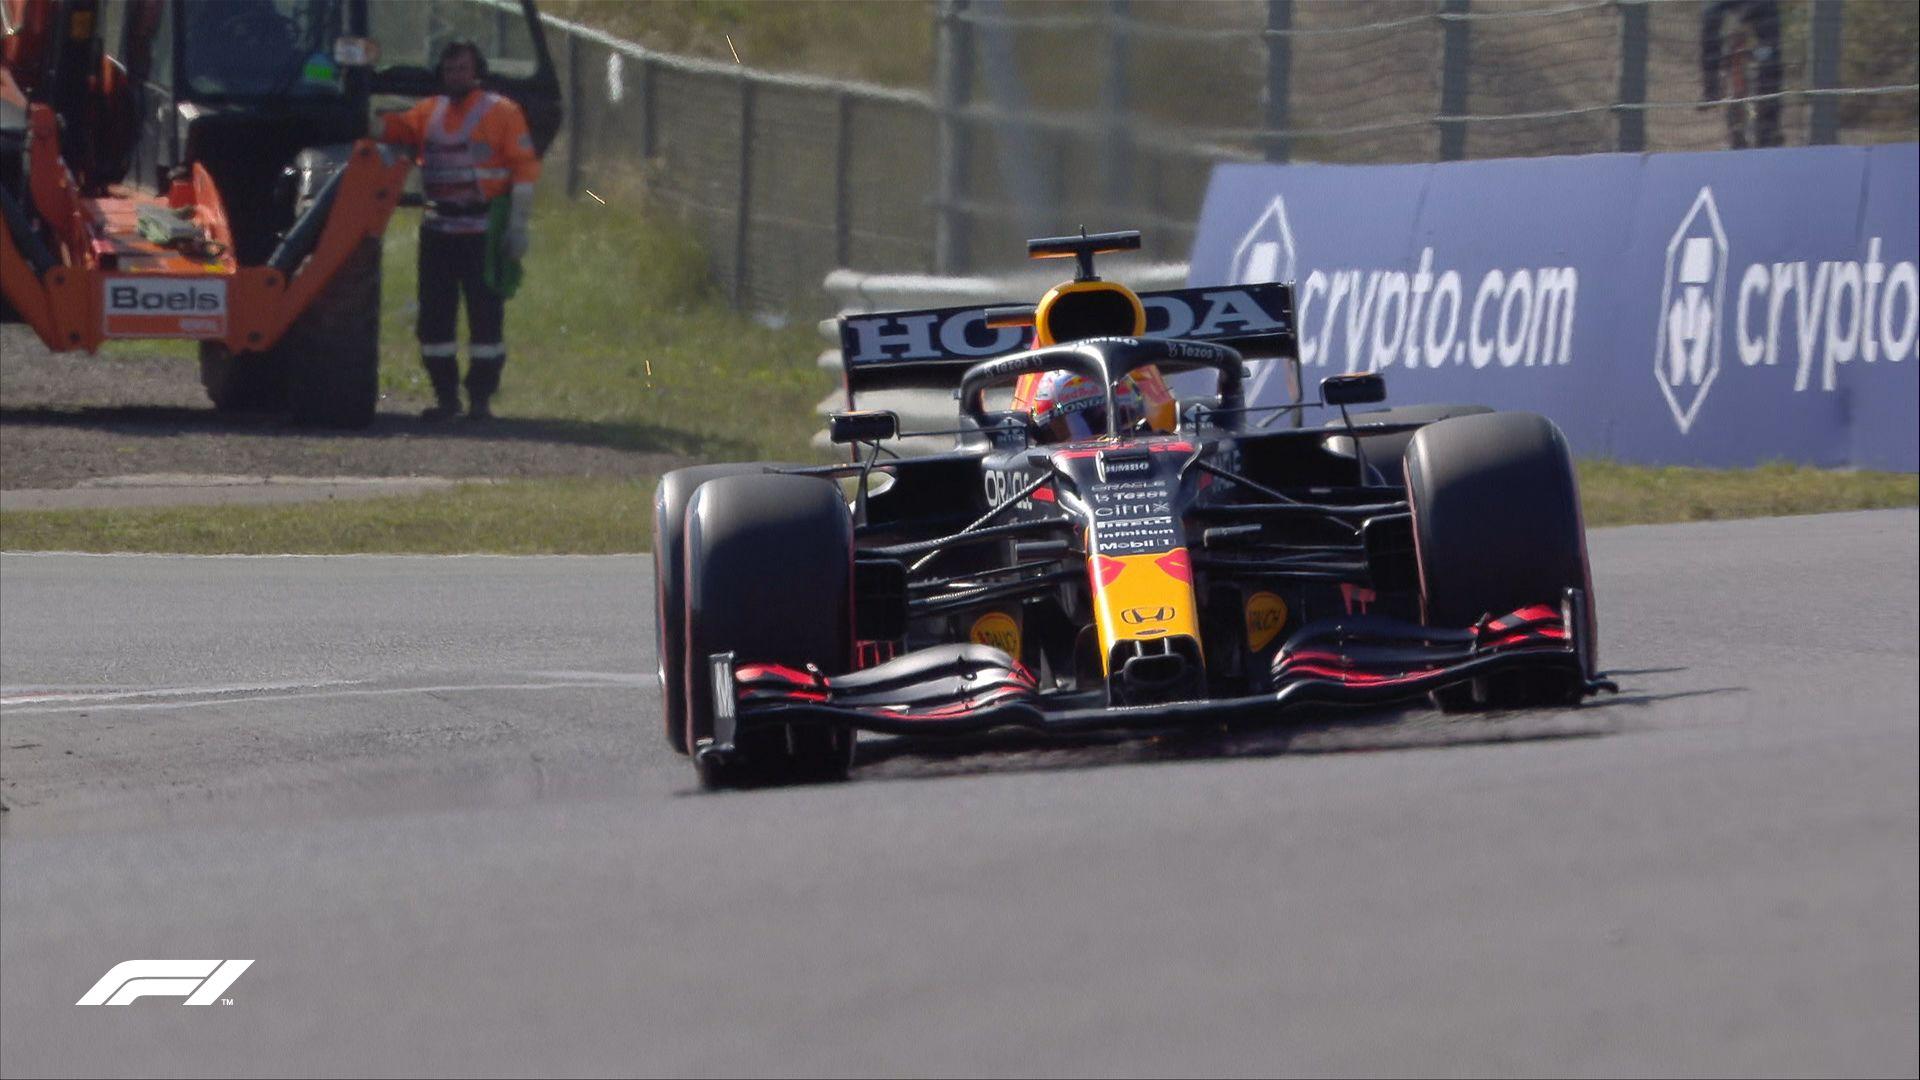 Max Verstappen venció a Lewis Hamilton en el GP de F1 en Zandvoort